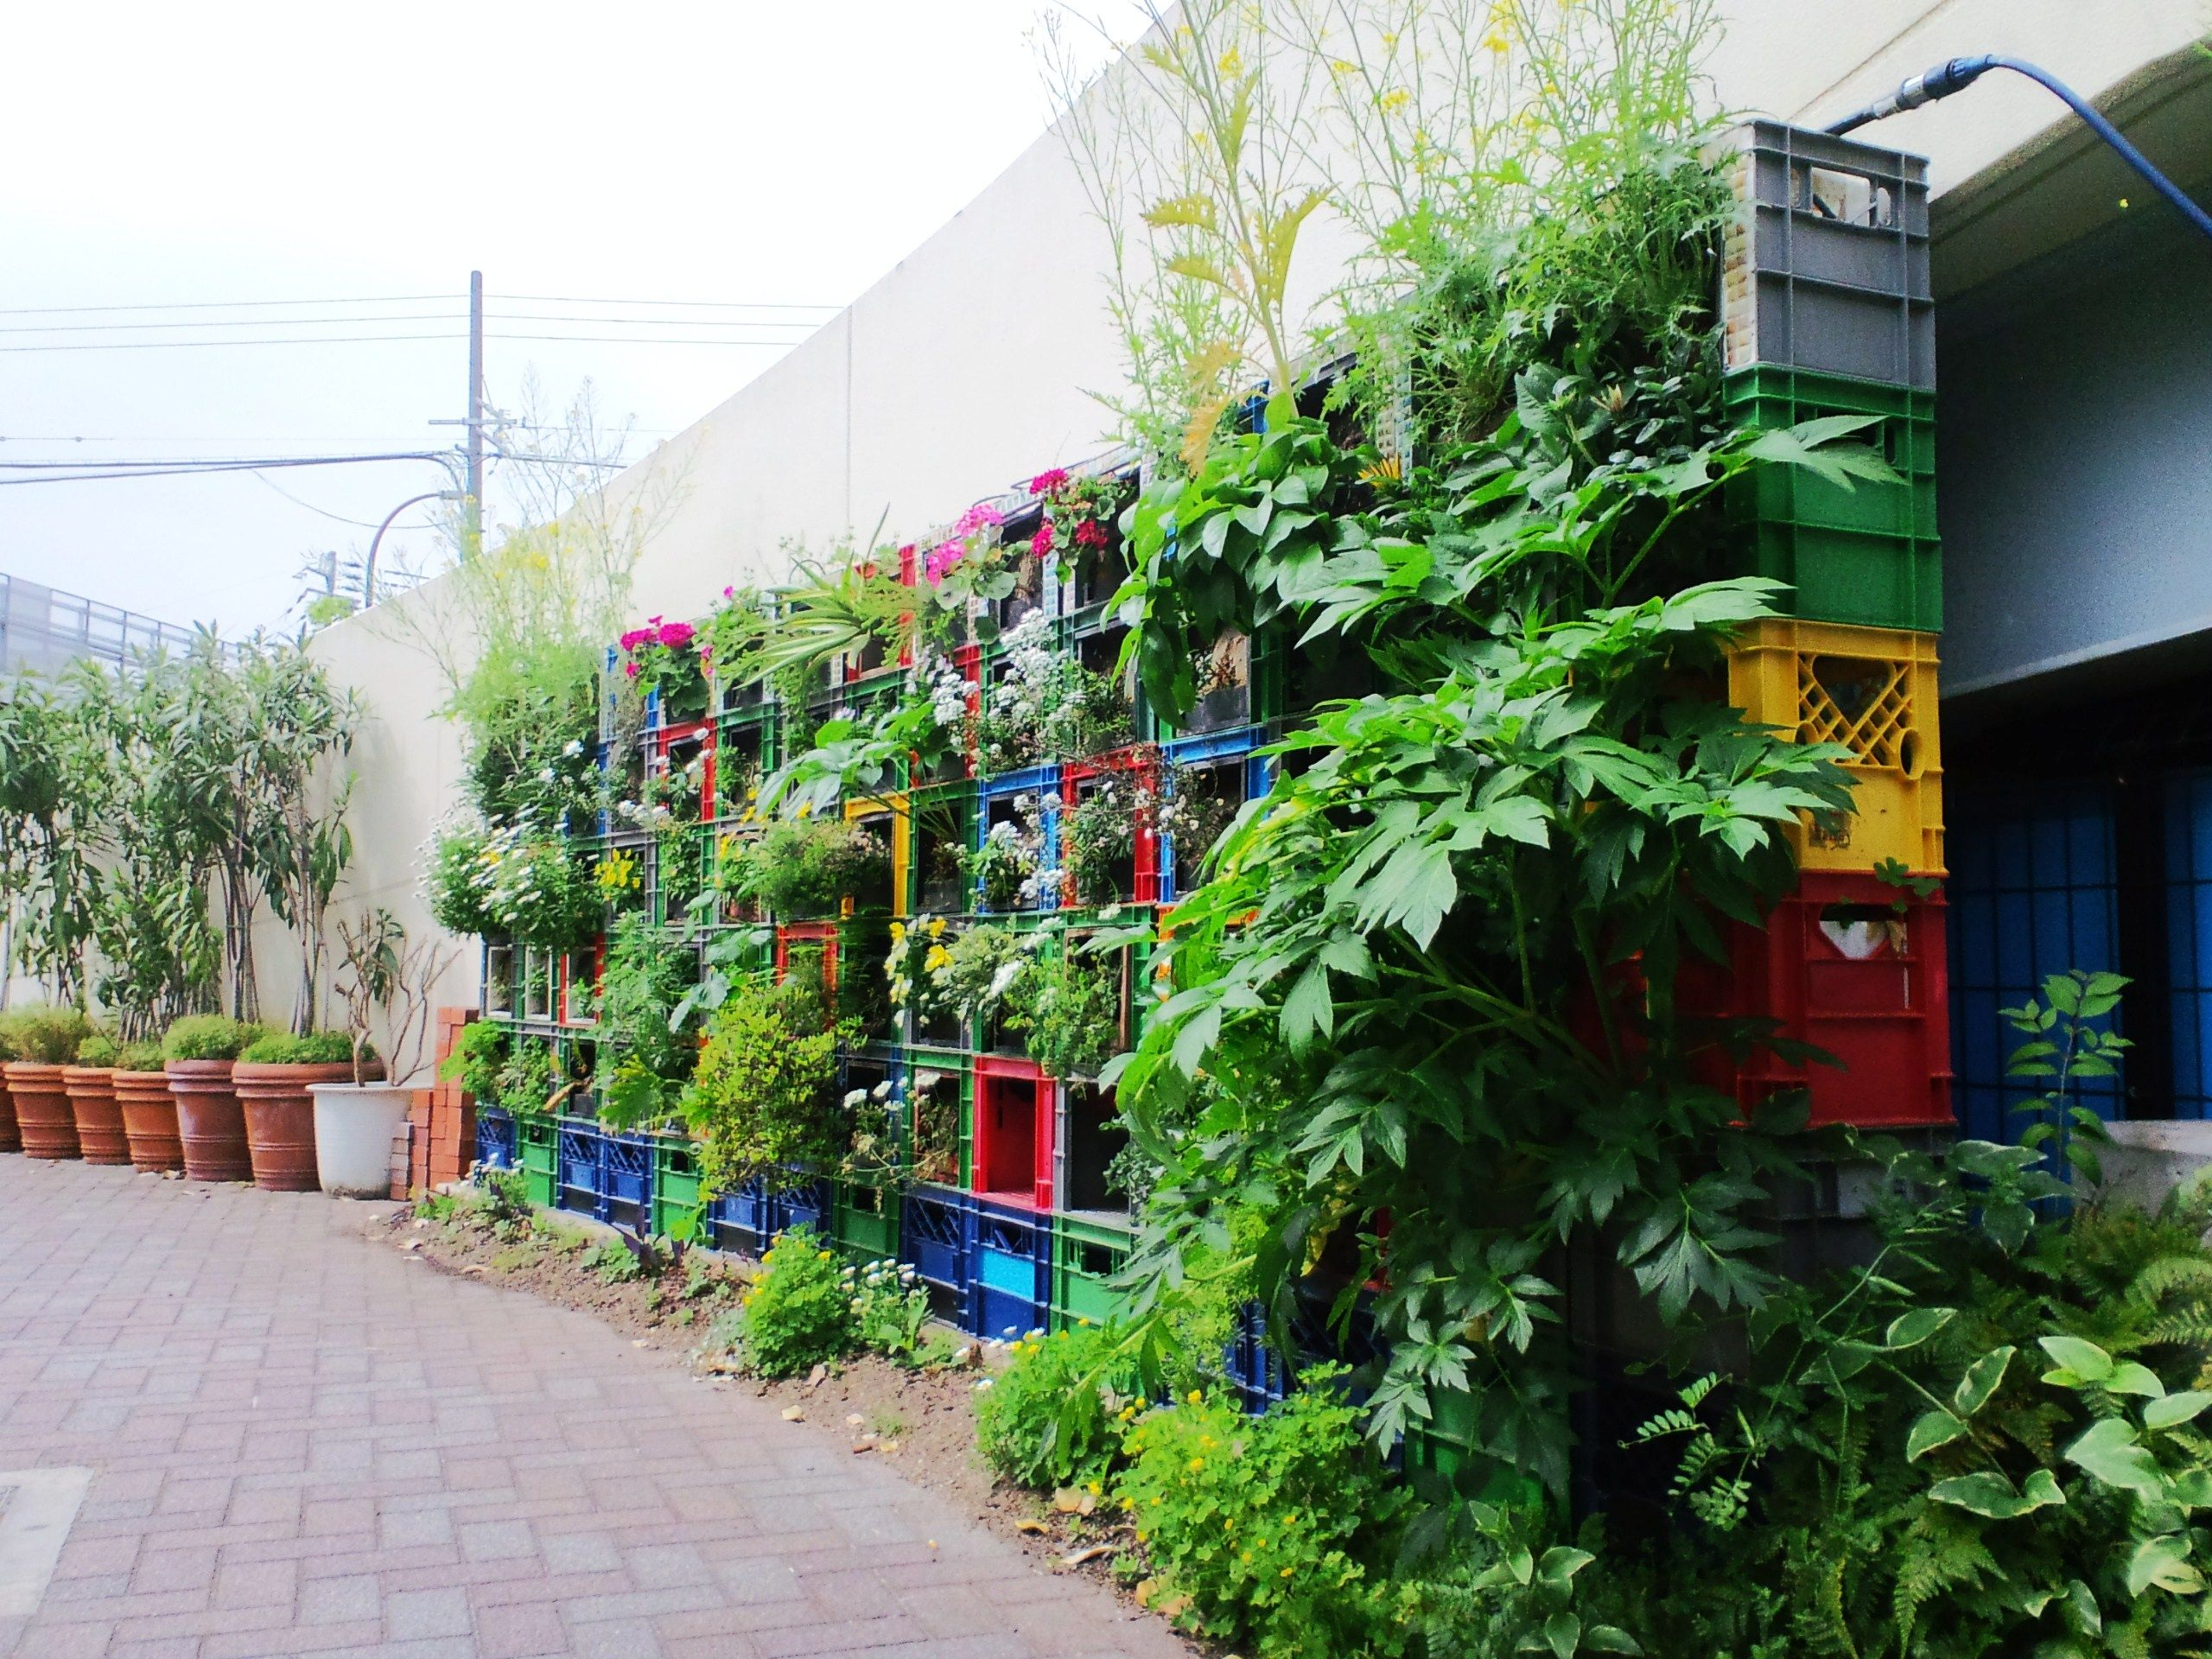 Milk Crate Vegetable Vertical Garden Vertical Garden Design Vertical Garden Garden Design